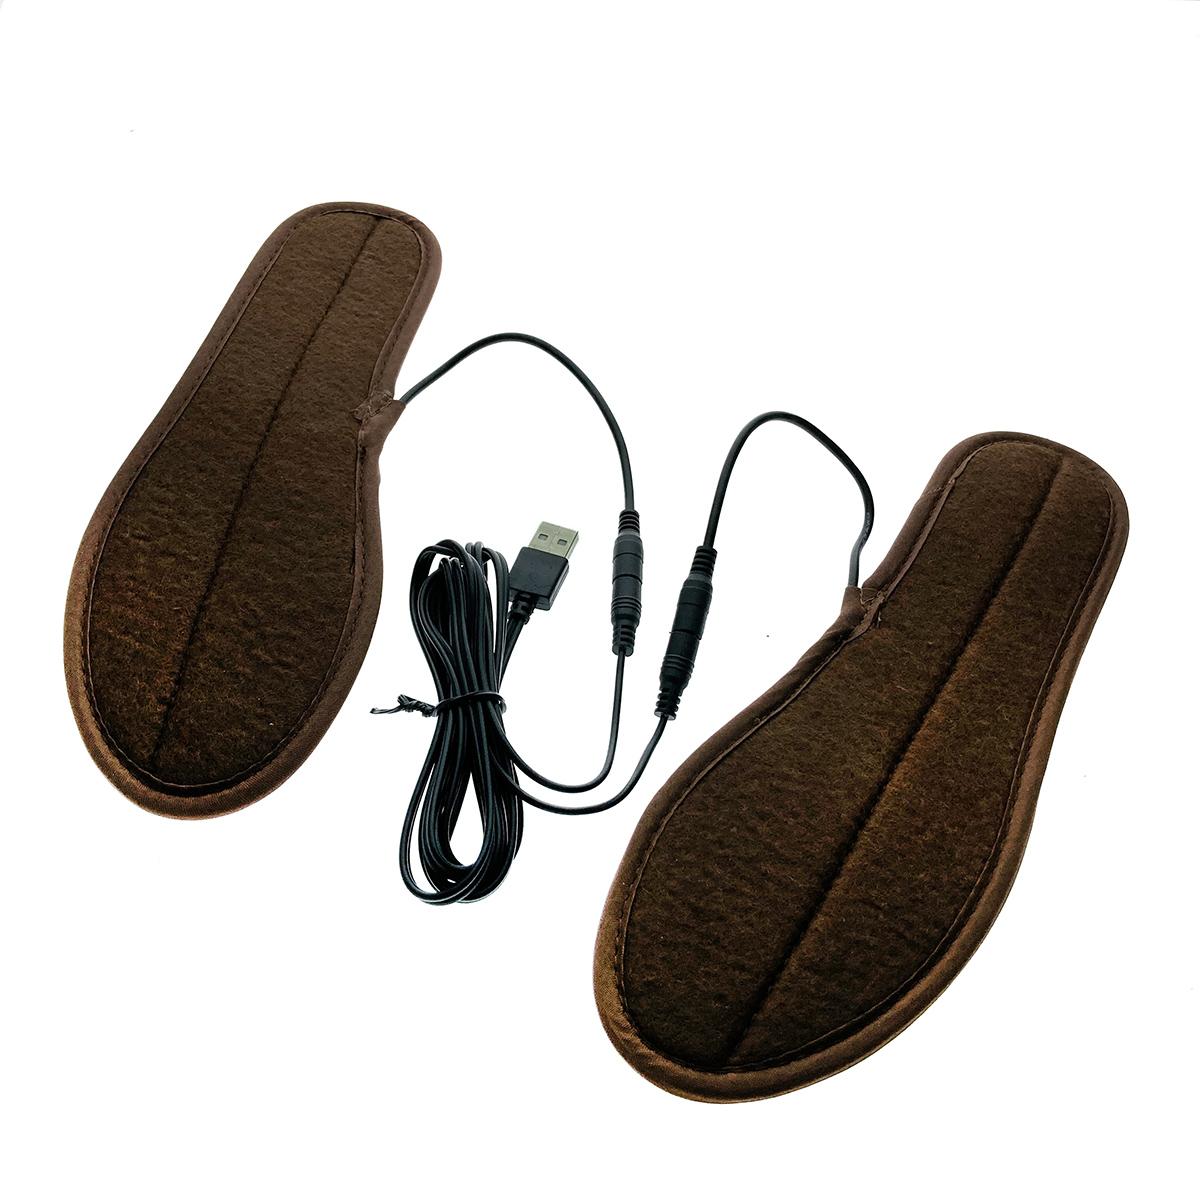 Стельки для обуви Ins-2 Espada с подогревом через USB, р-р 38-39